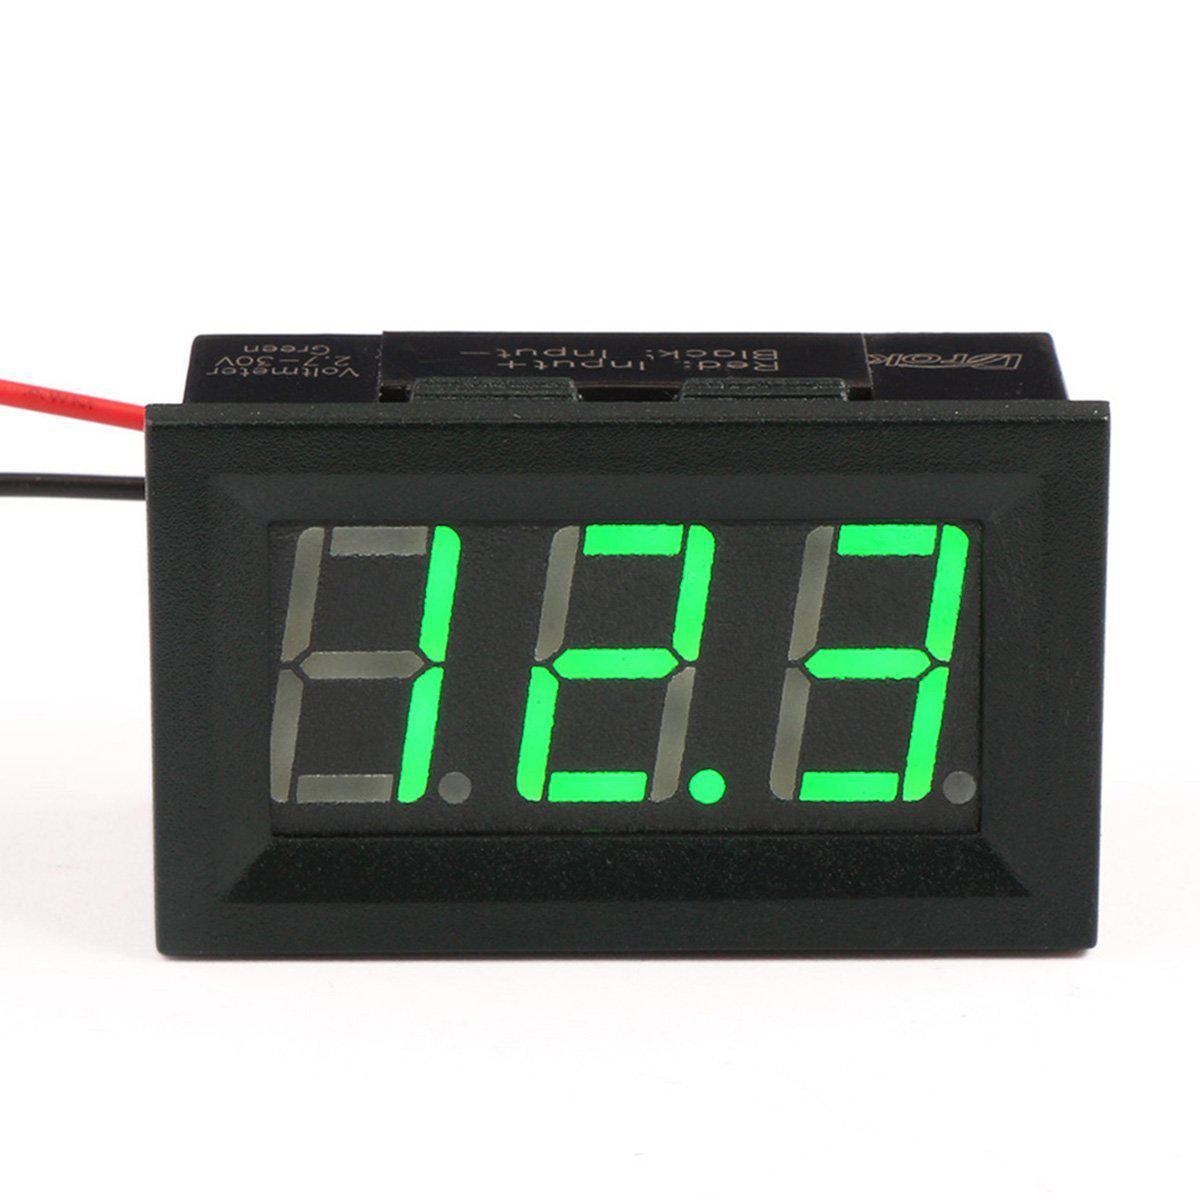 Цифровой вольтметр постоянного тока 0-100В DC Зеленый автономный